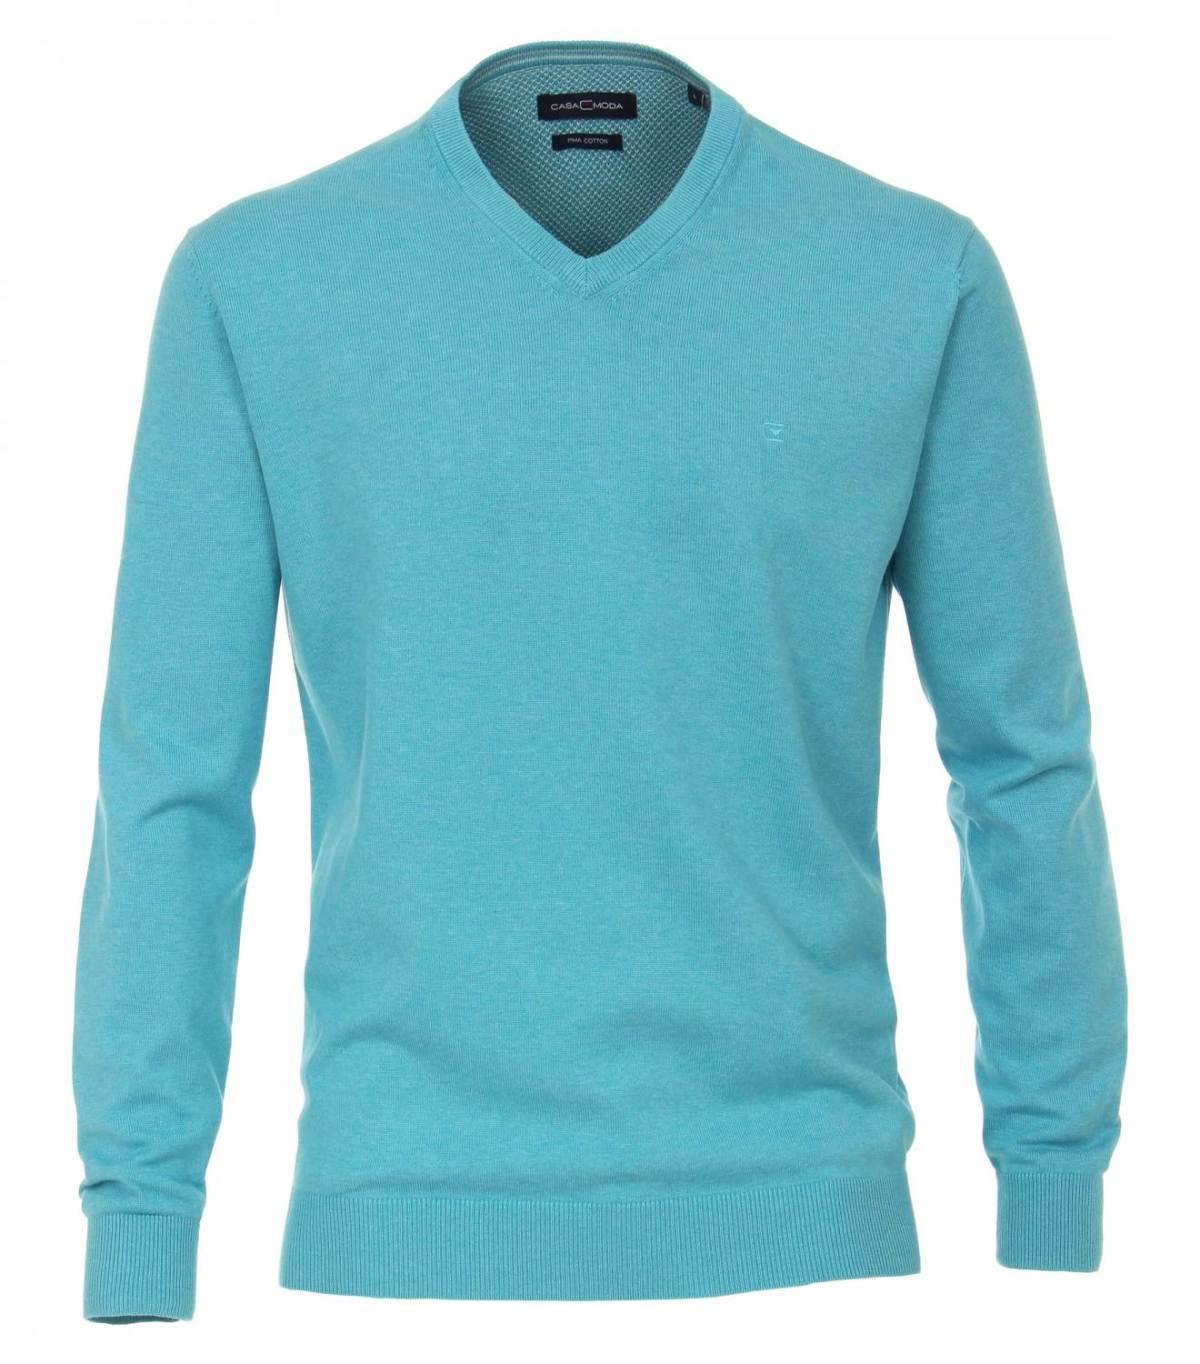 004430 396 - - Con Murphys Menswear